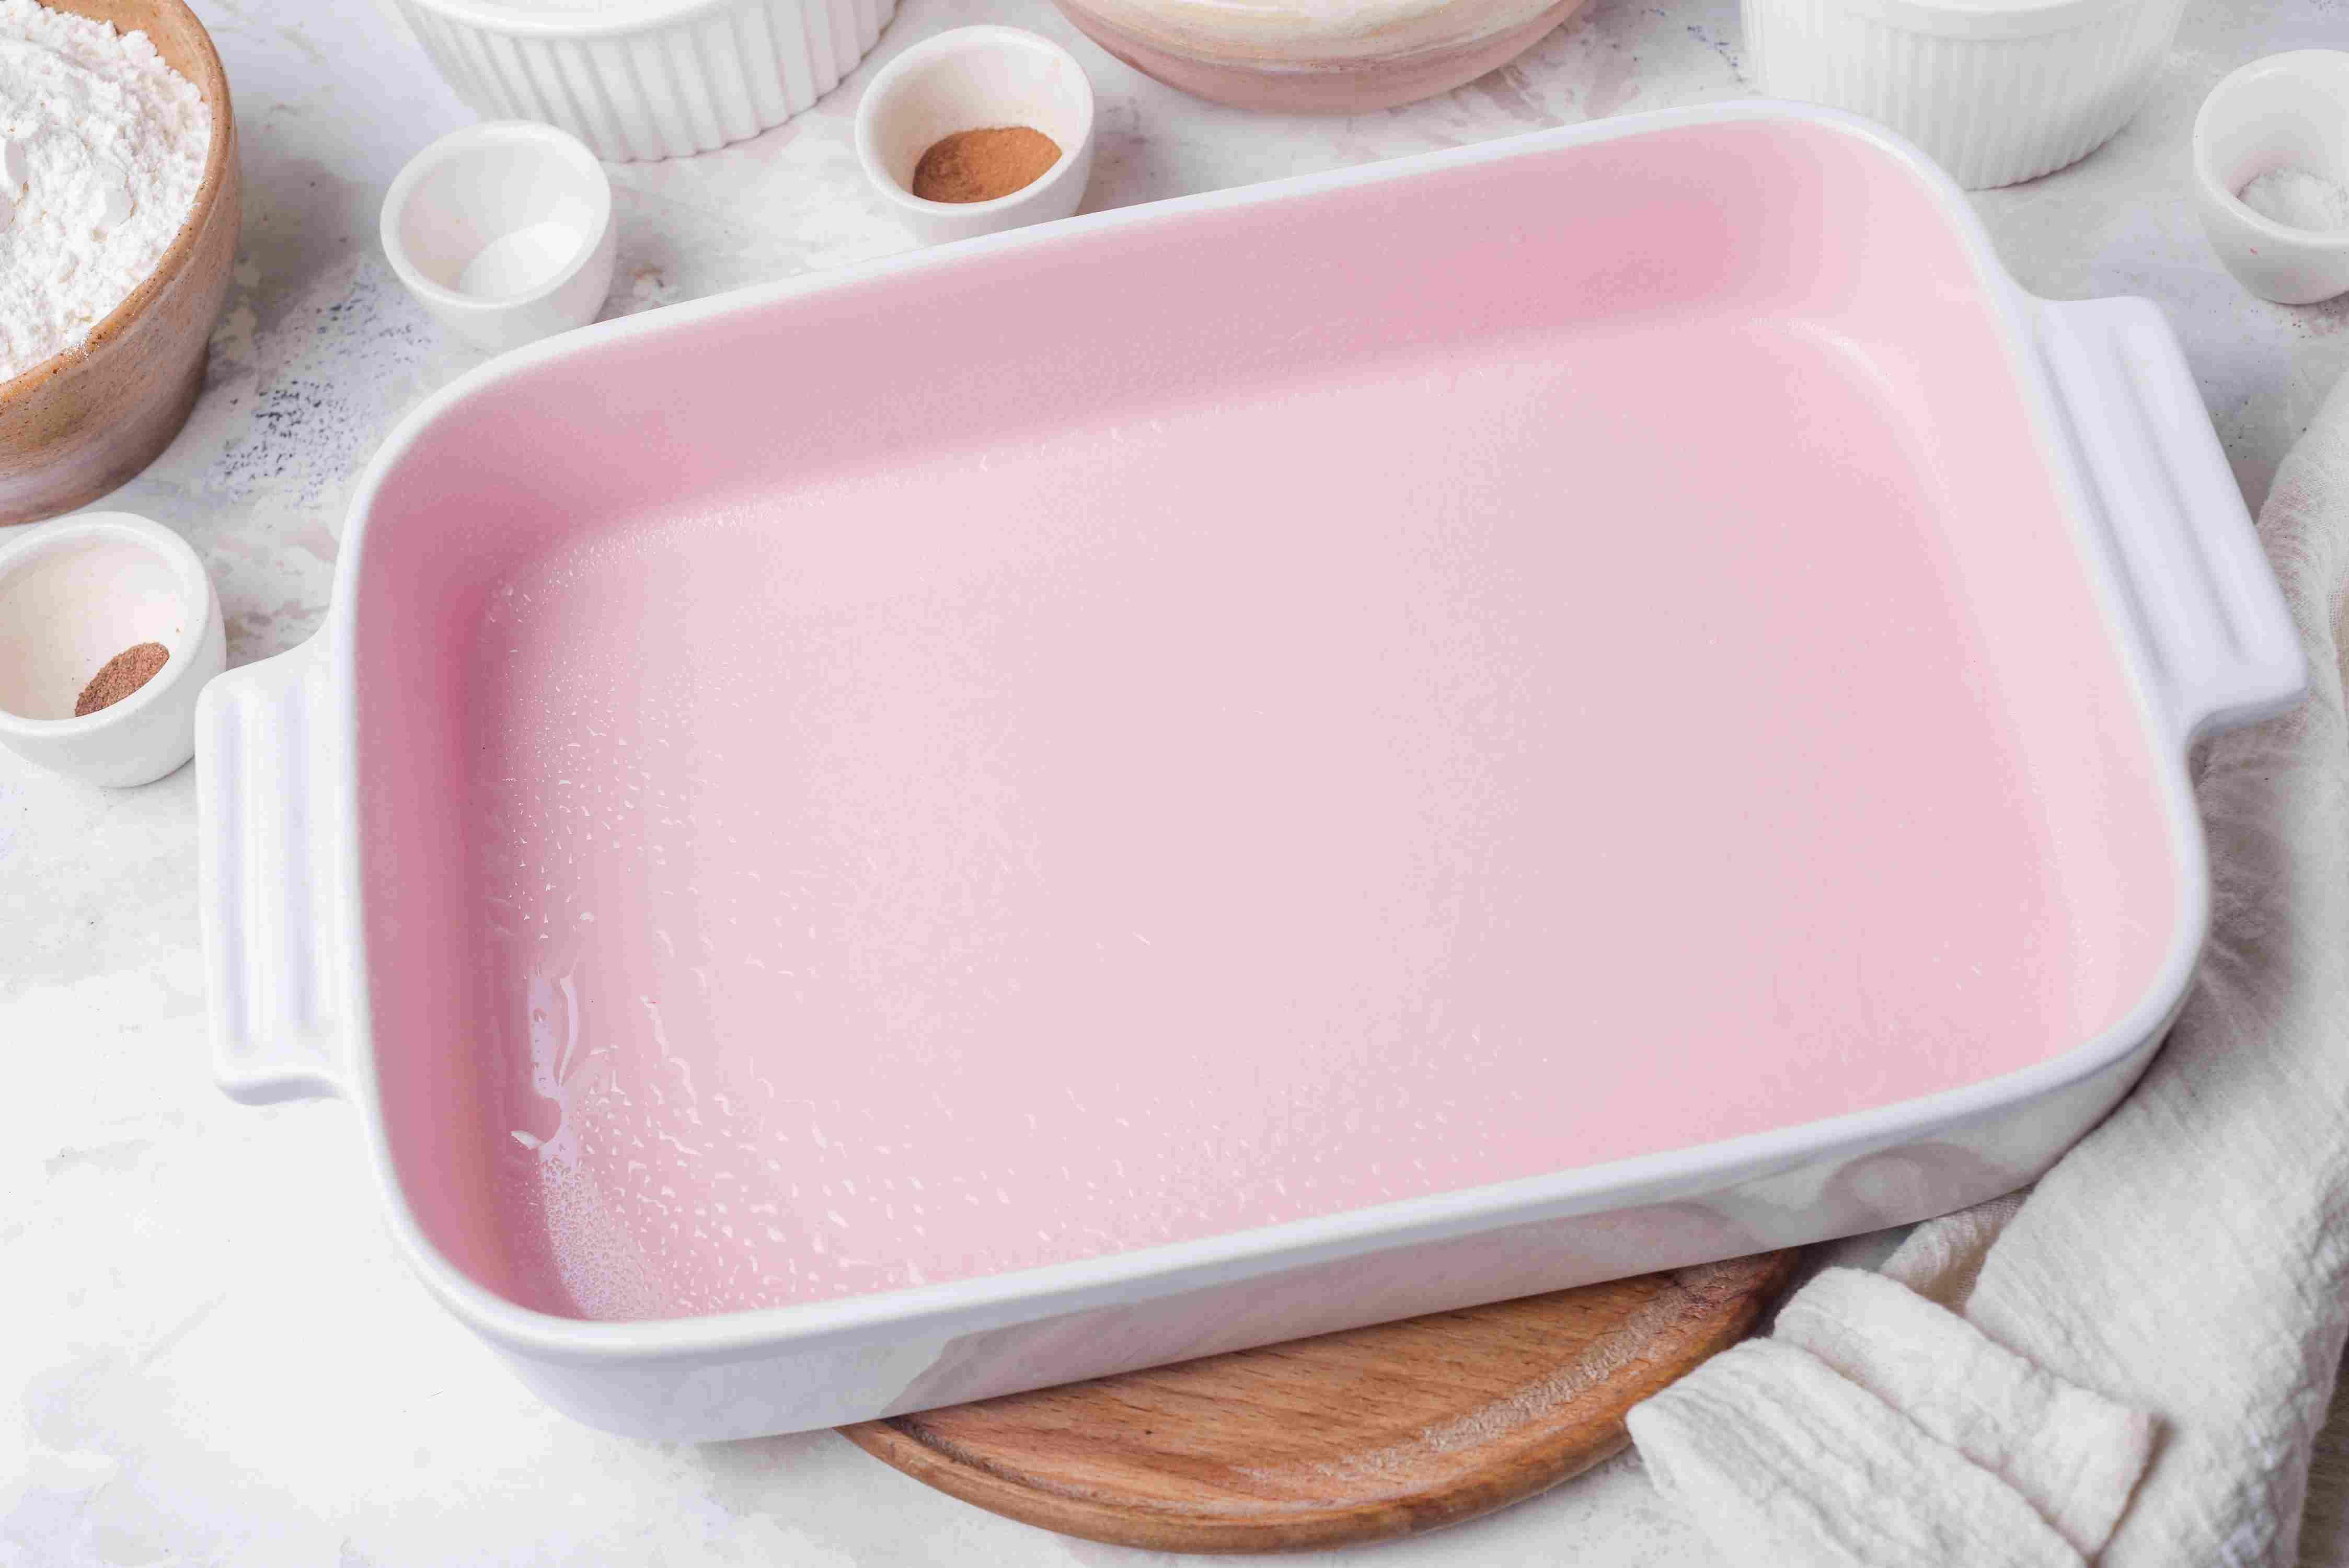 Grease the baking pan